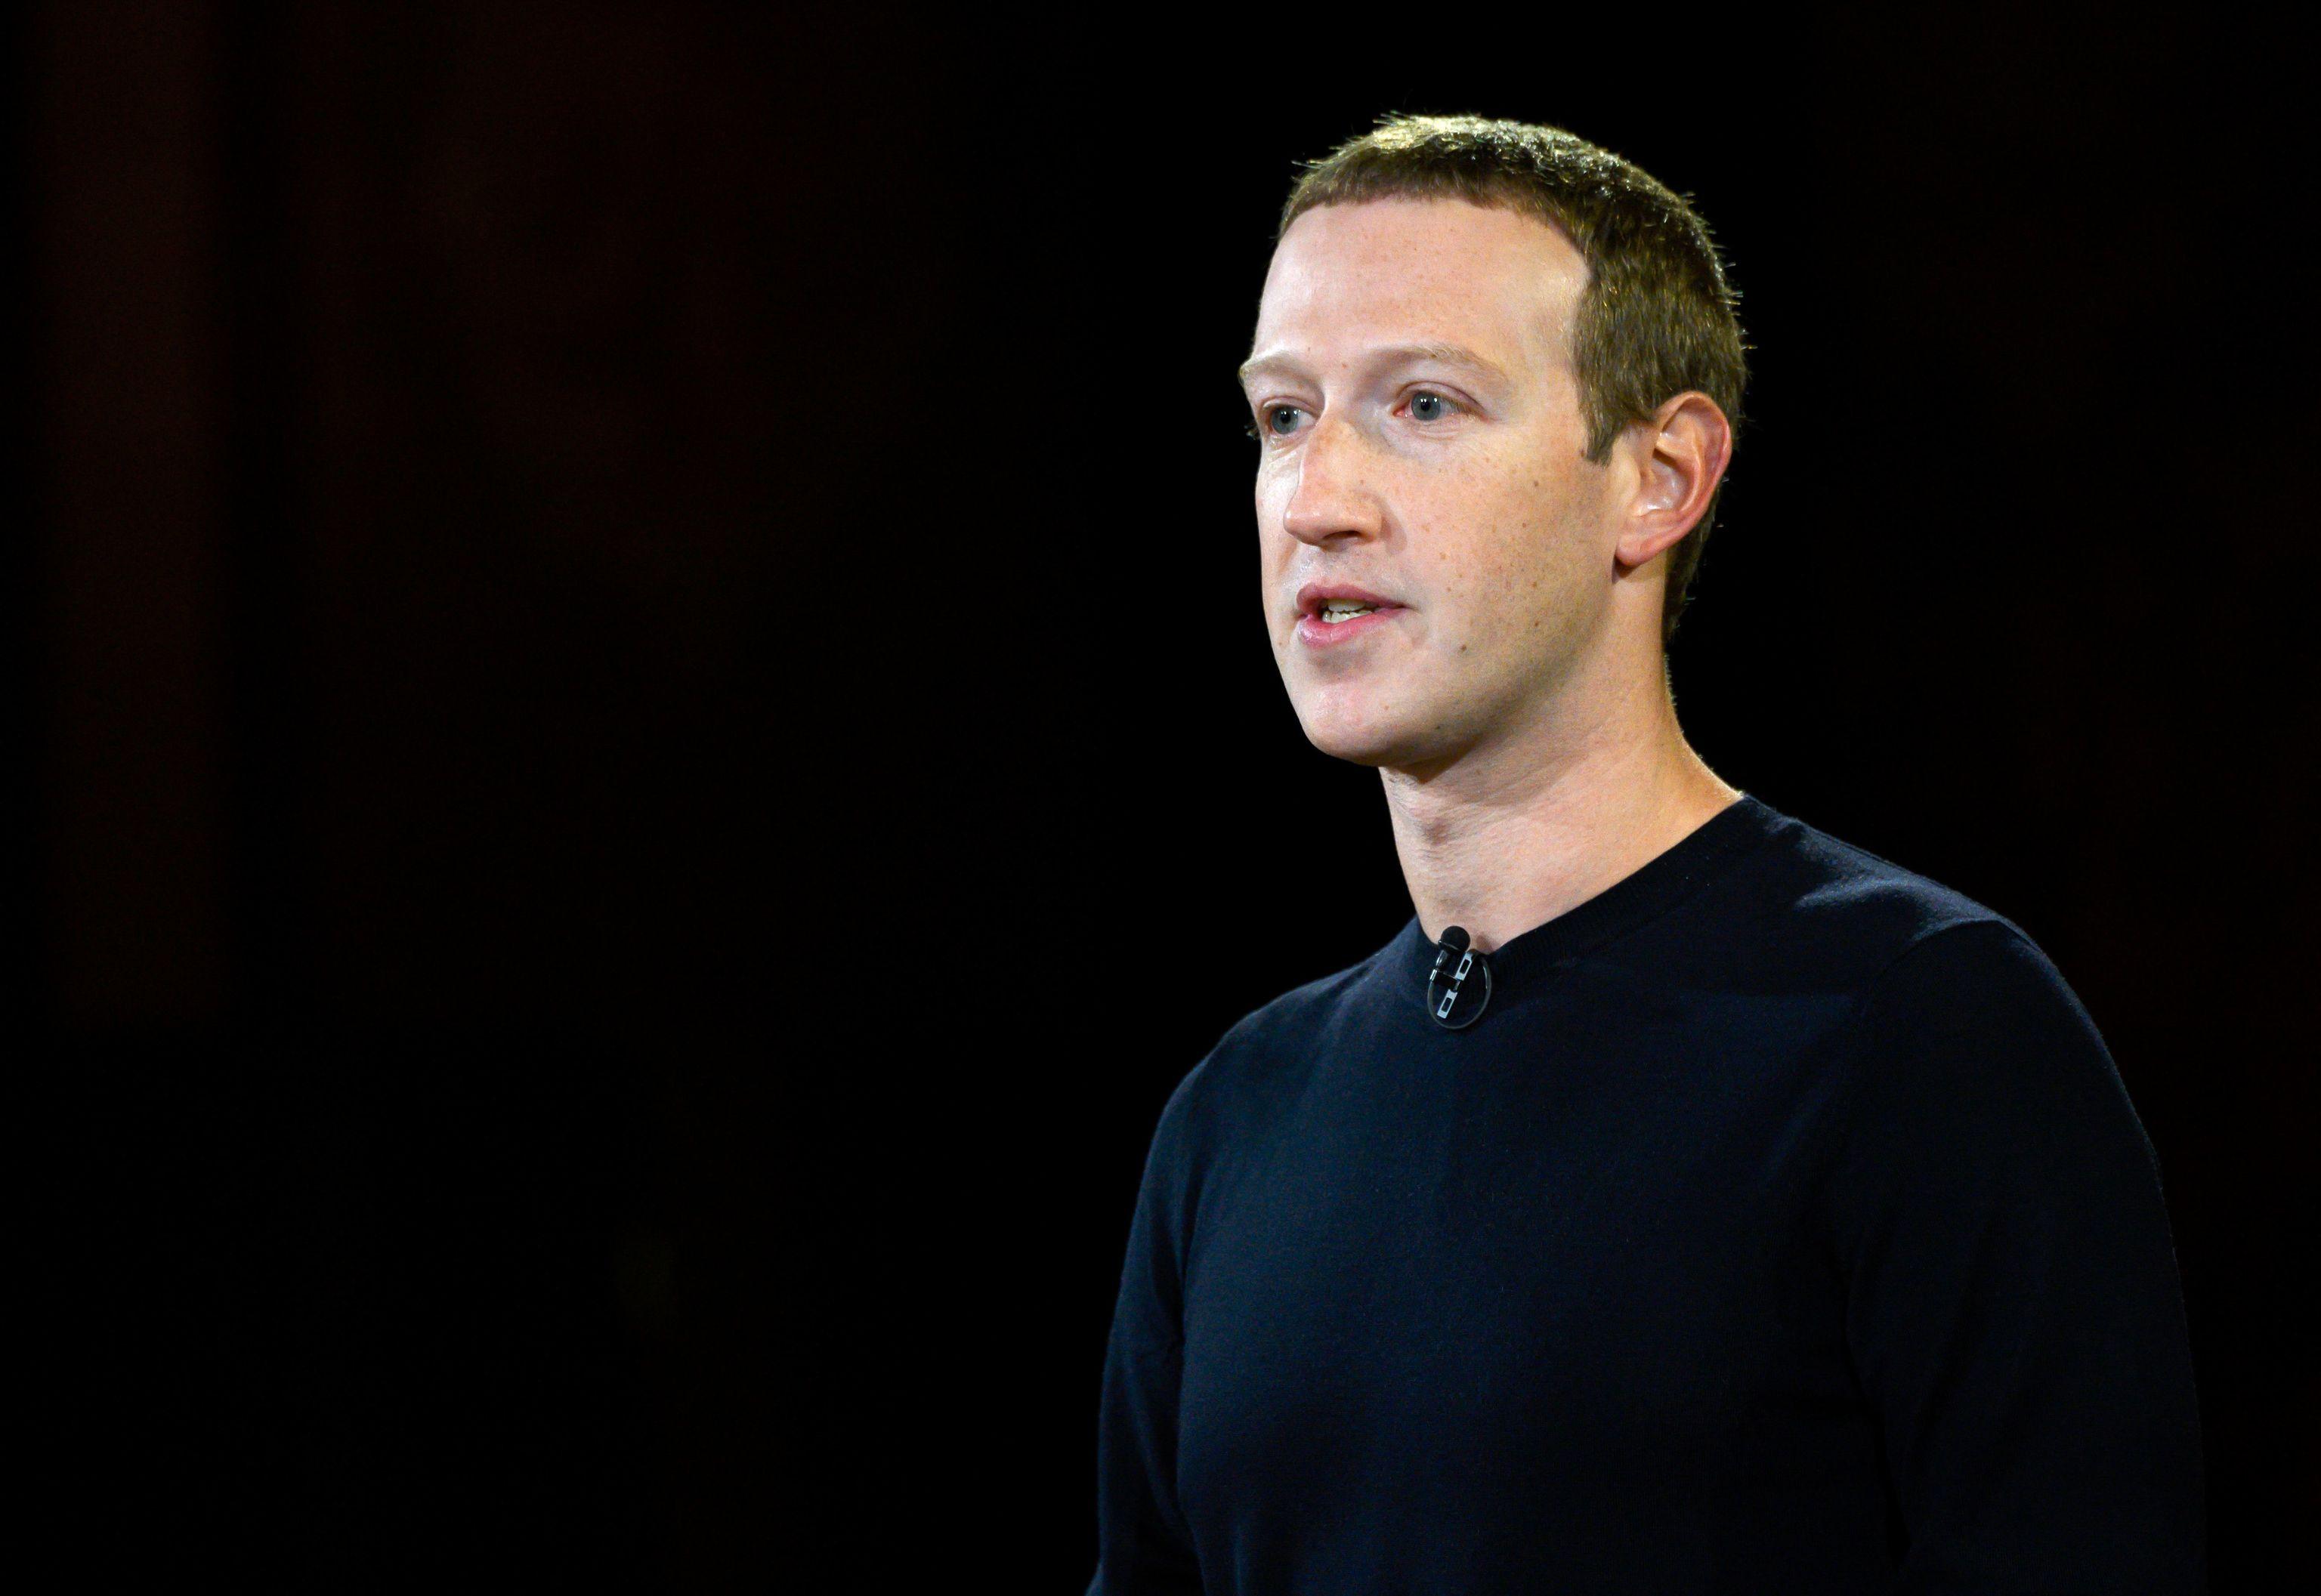 El CEO y fundador de Facebook, Mark Zuckerberg, en una imagen de 2019.